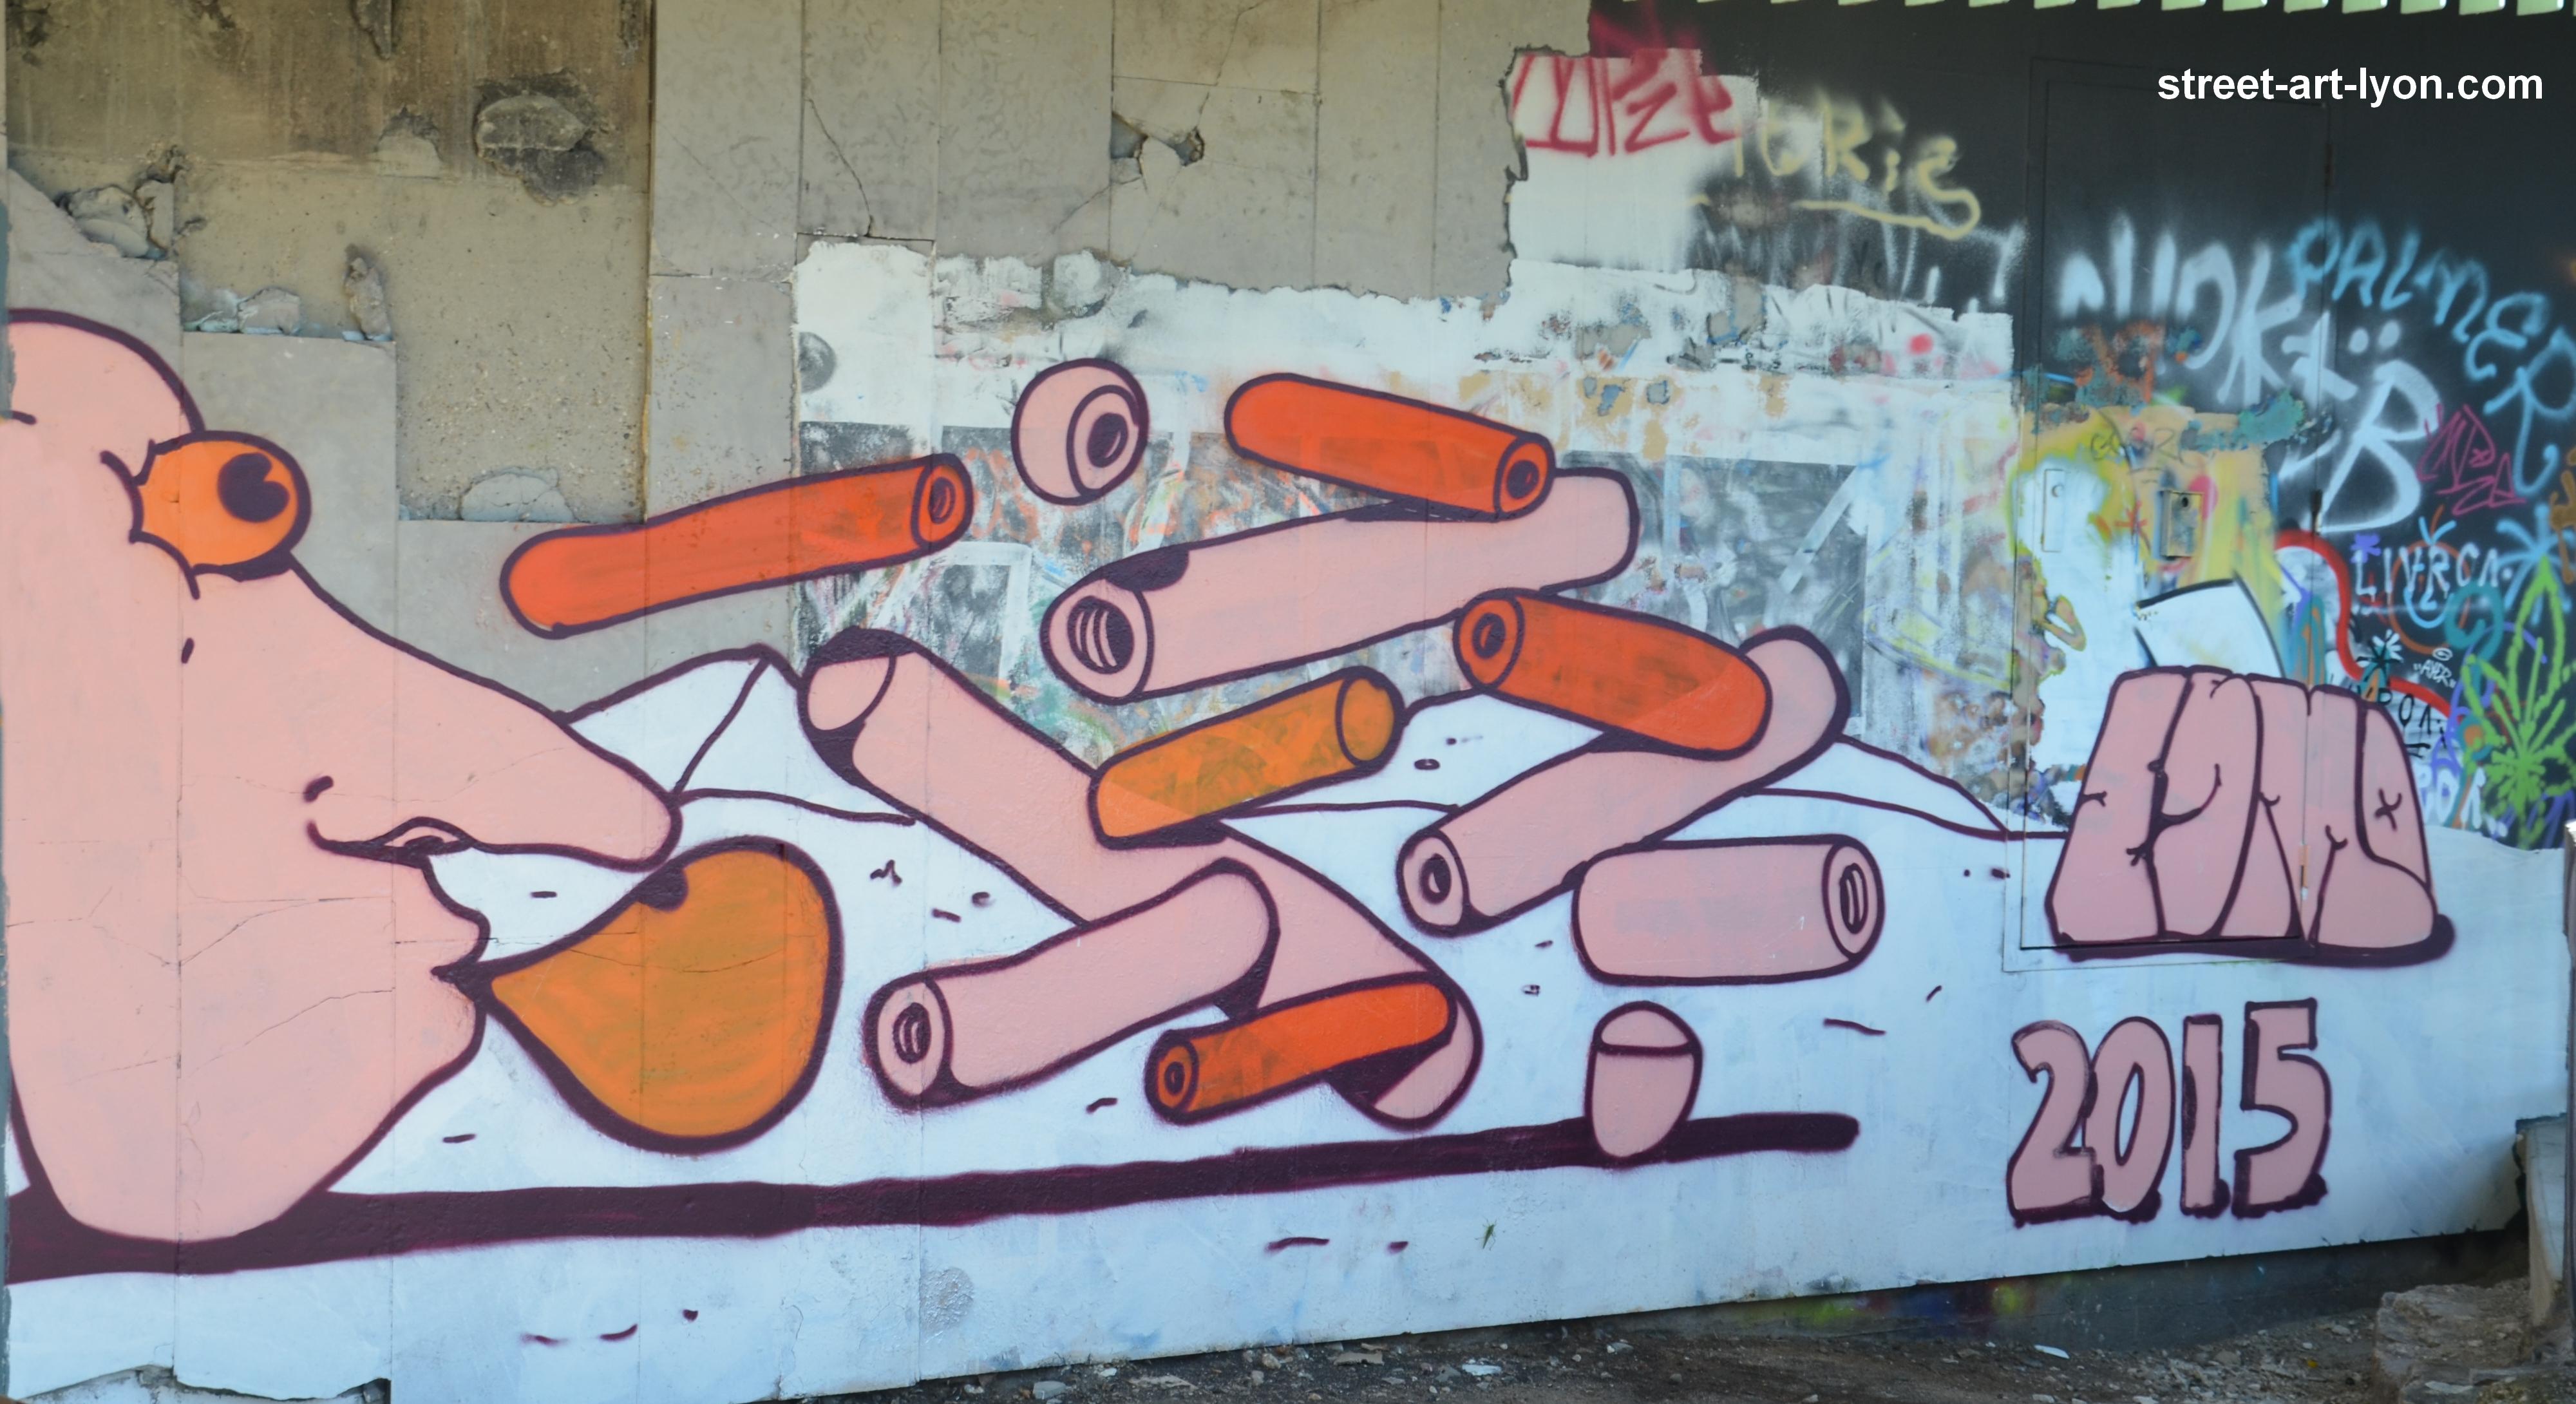 esmo-skatepark